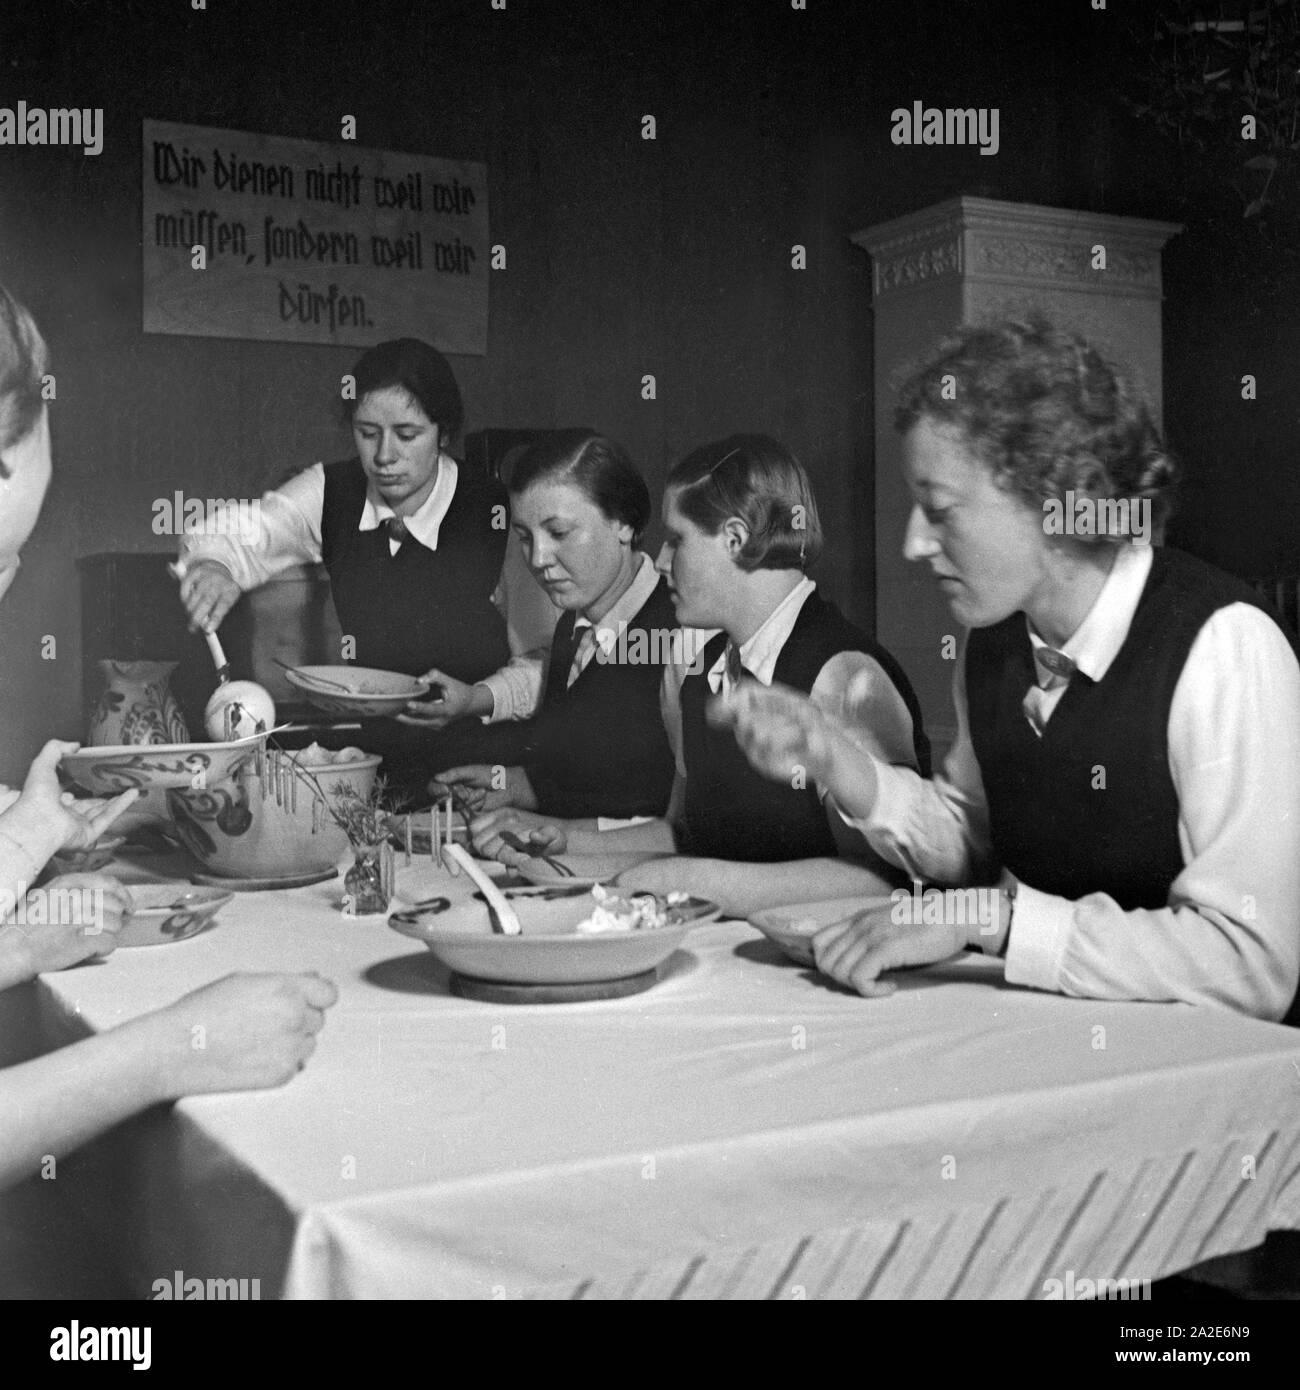 Gemeinsames Essen beim weiblichen Arbeitsdienst in Molkenberg bei Fürstenwalde, Deutschland 1930er Jahre. Women come together and having lunch at the female workforce group of Molkenberg, Germany 1930s. Stock Photo